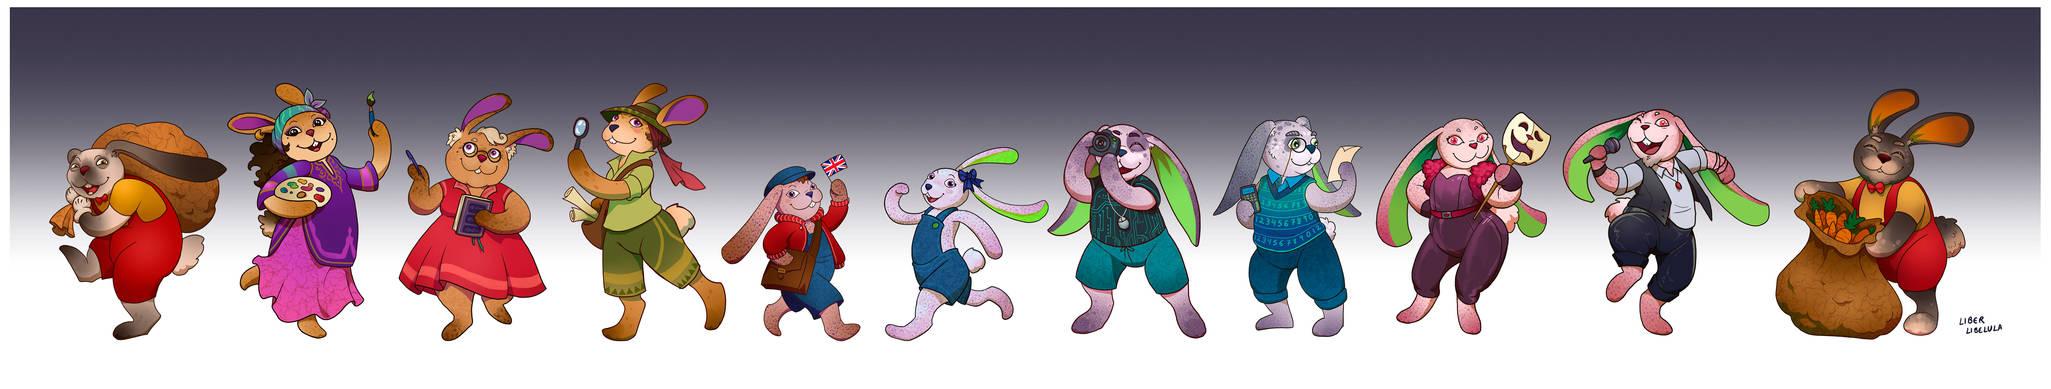 Rabbit family by LiberLibelula